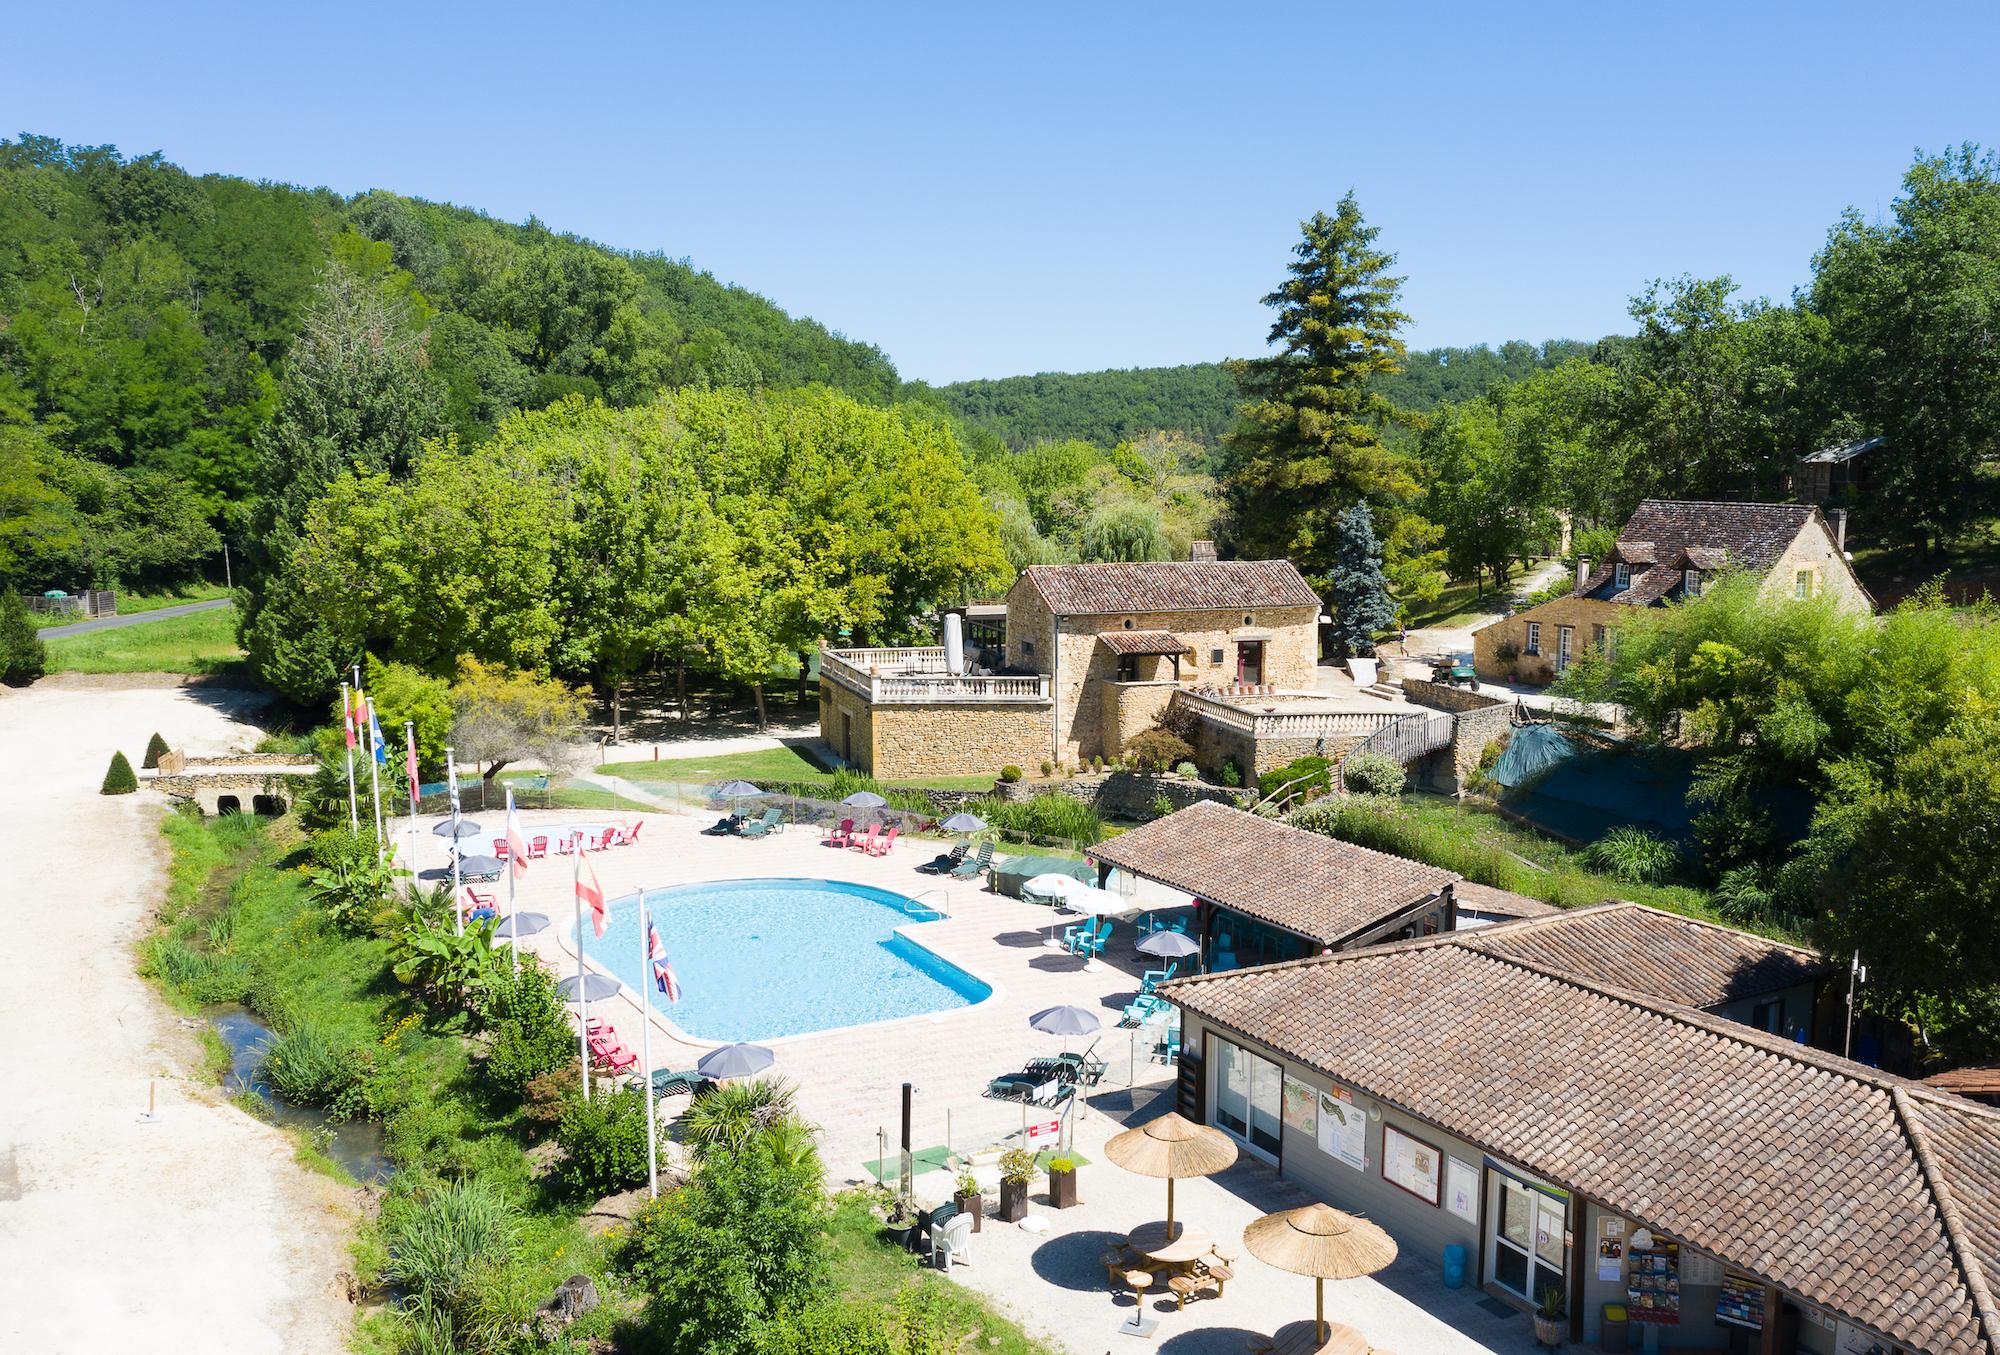 Camping en Dordogne : découvrez notre sélection des 5 plus beaux établissements